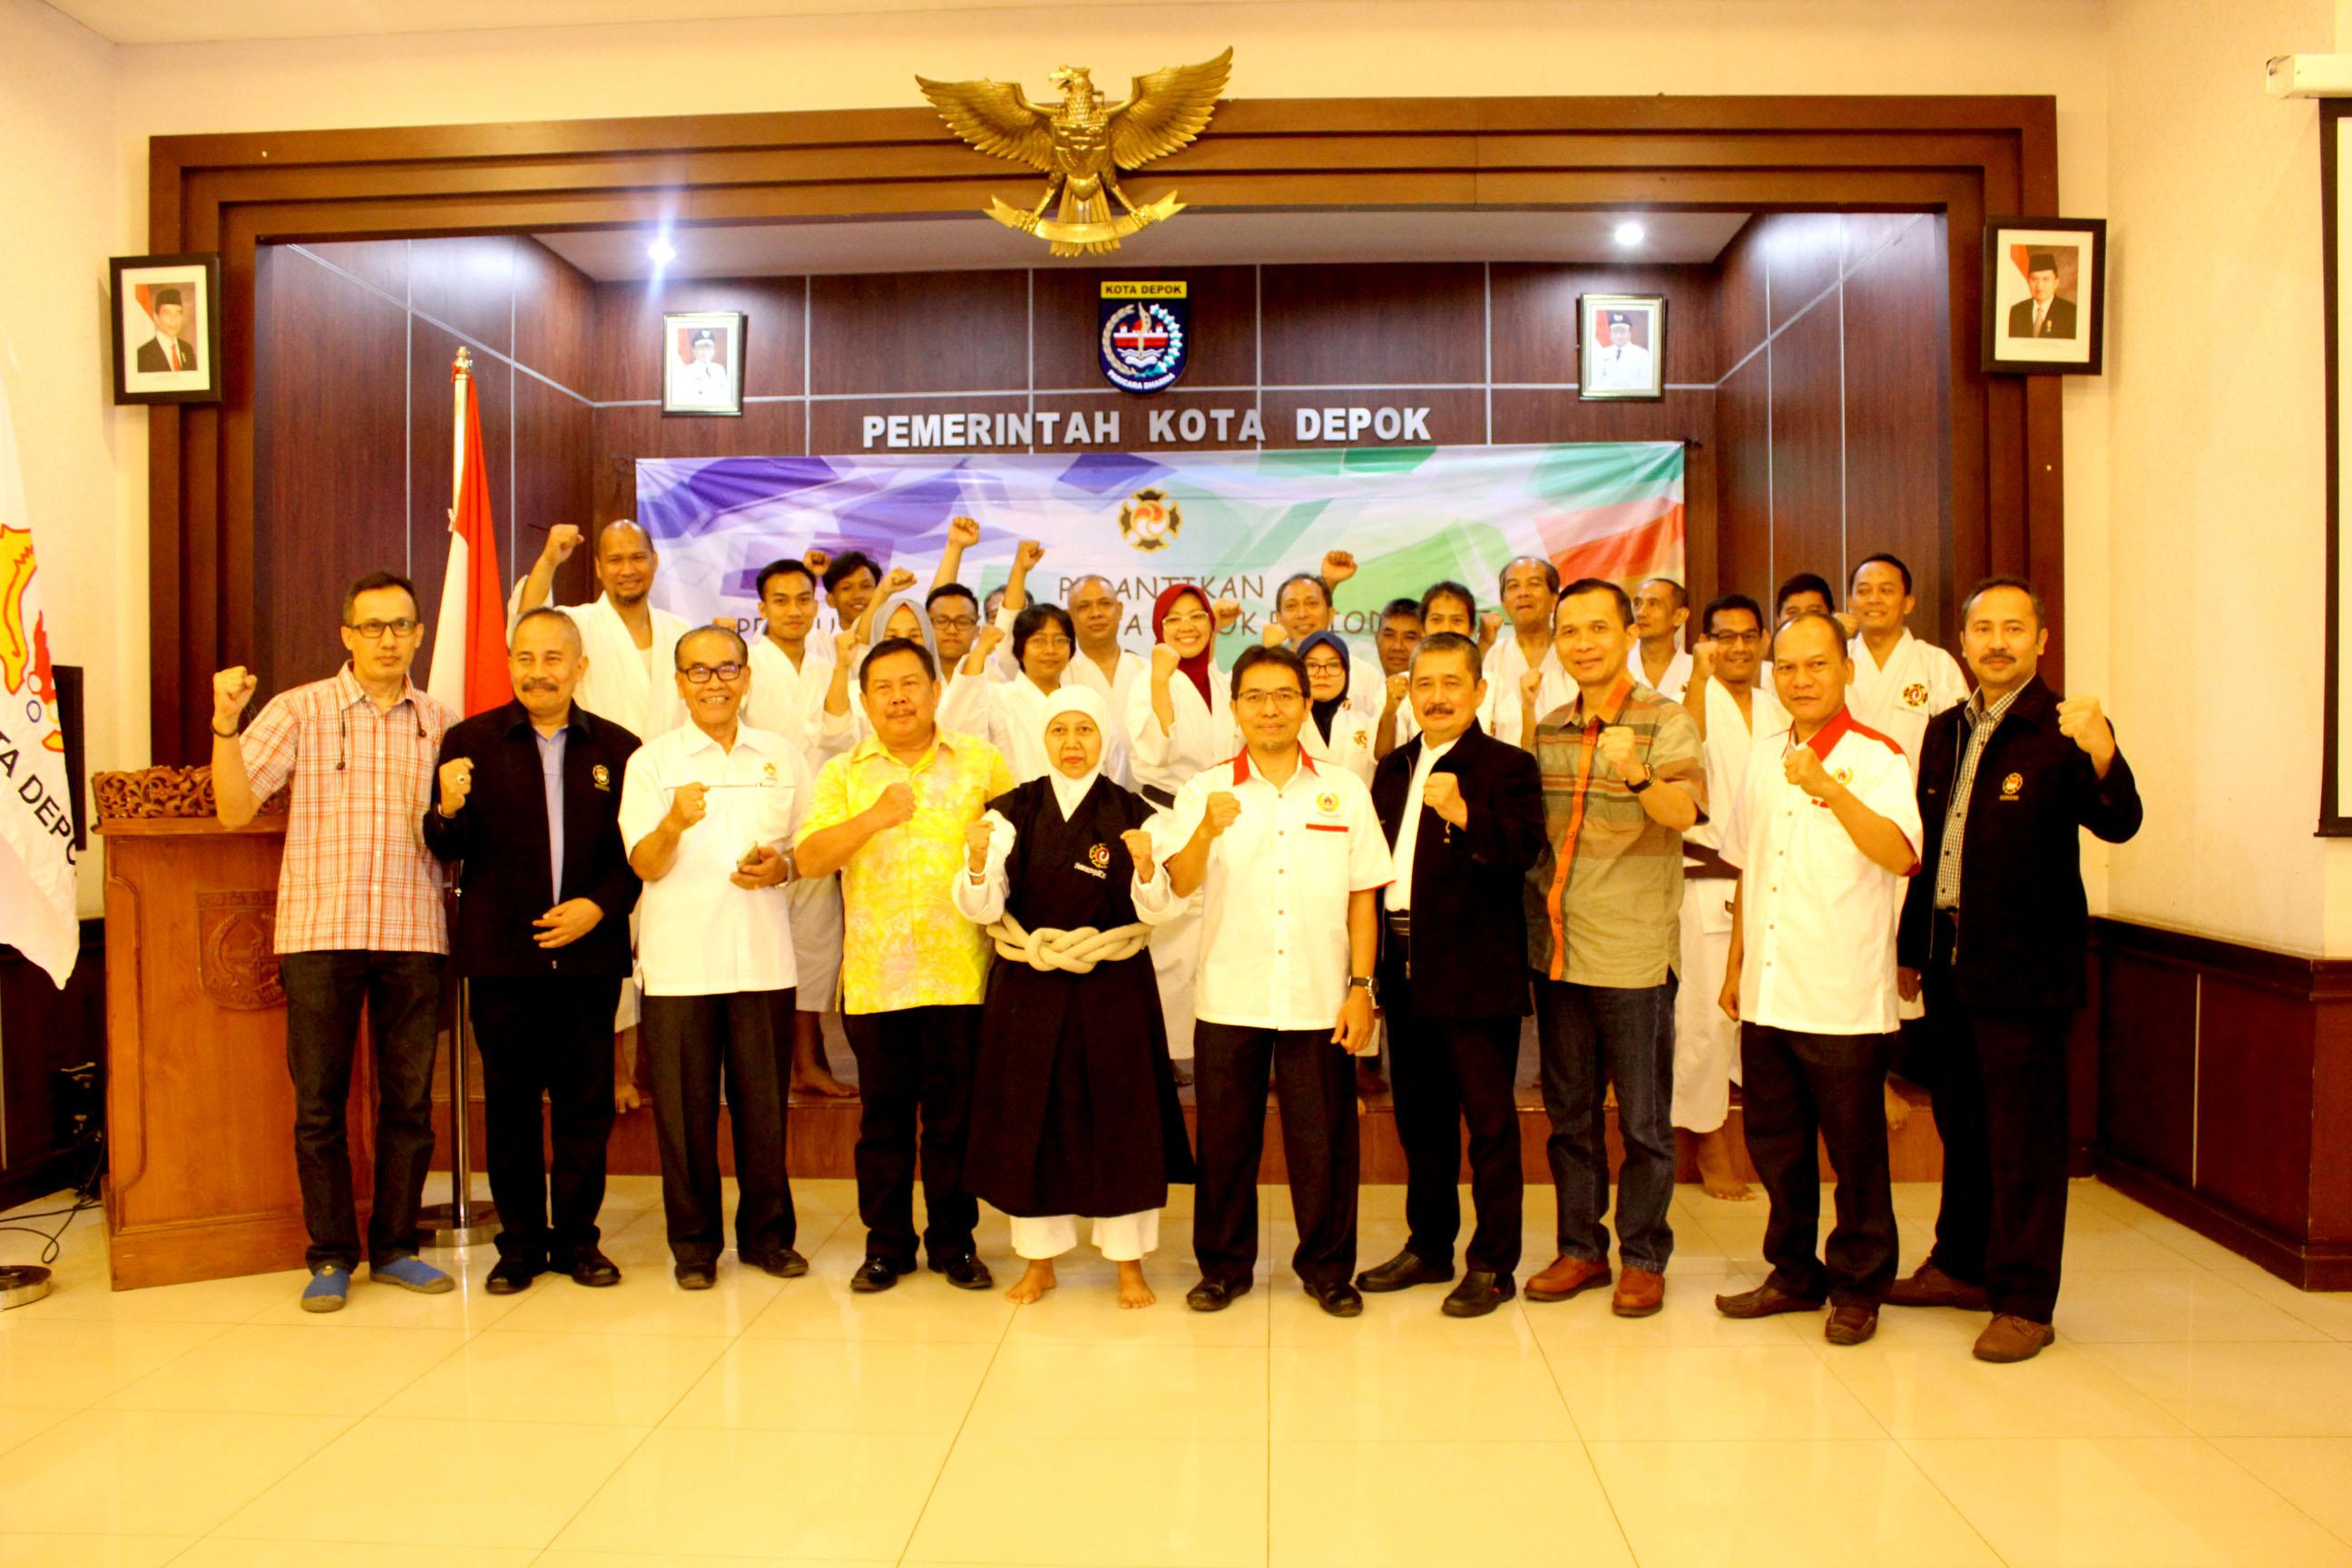 Ketua KONI Foto bersama Pengurus perkemi yang dihadiri pula kadisporyata serta perwakilan pengprov Jawabarat